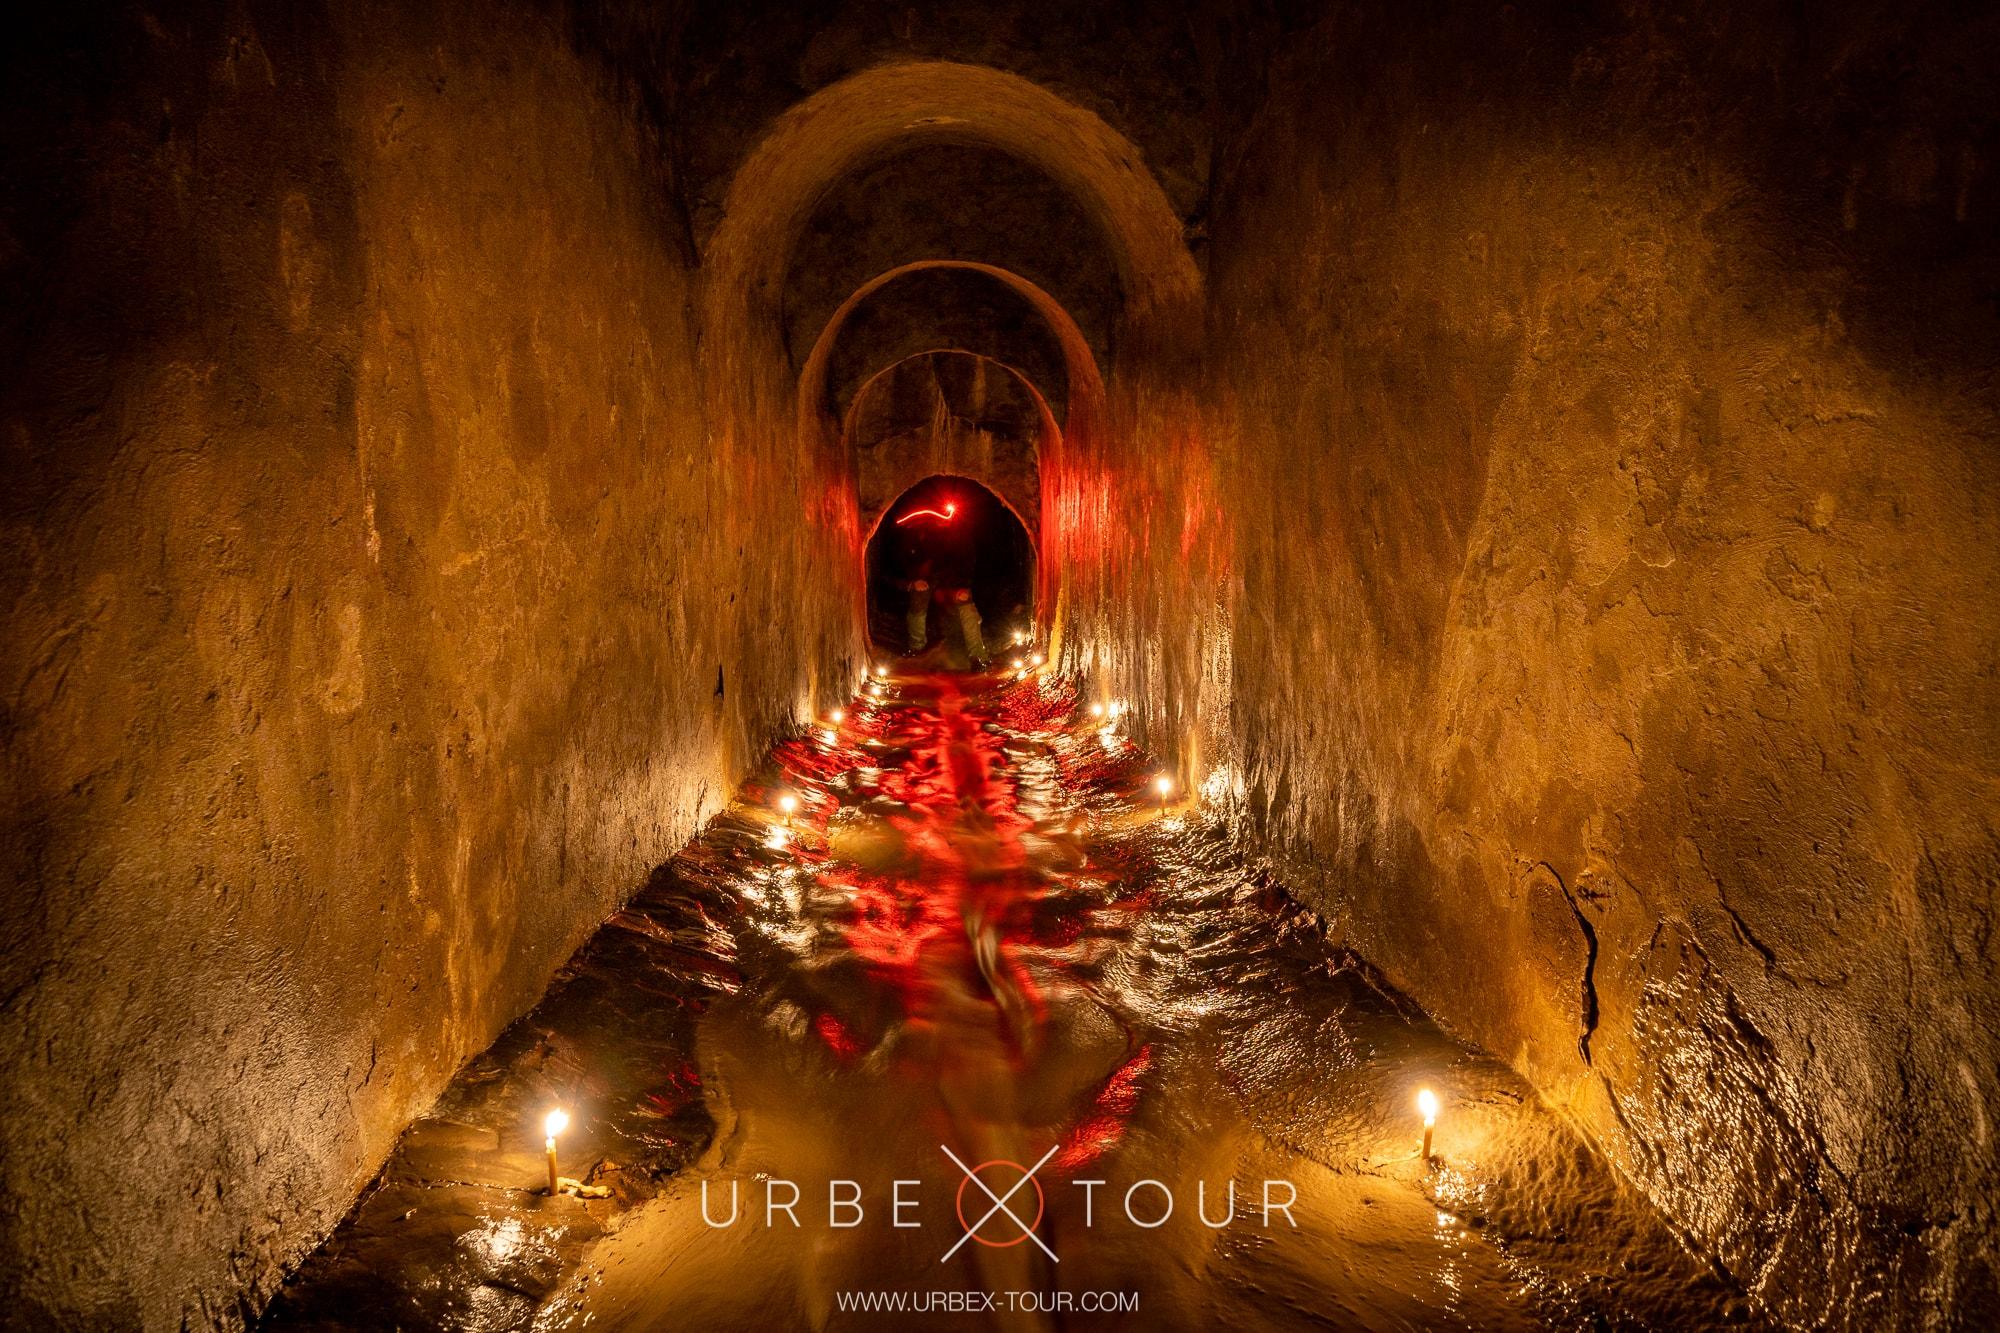 Урбекс экскурсии в Подземелья Киева - Urbex Tour